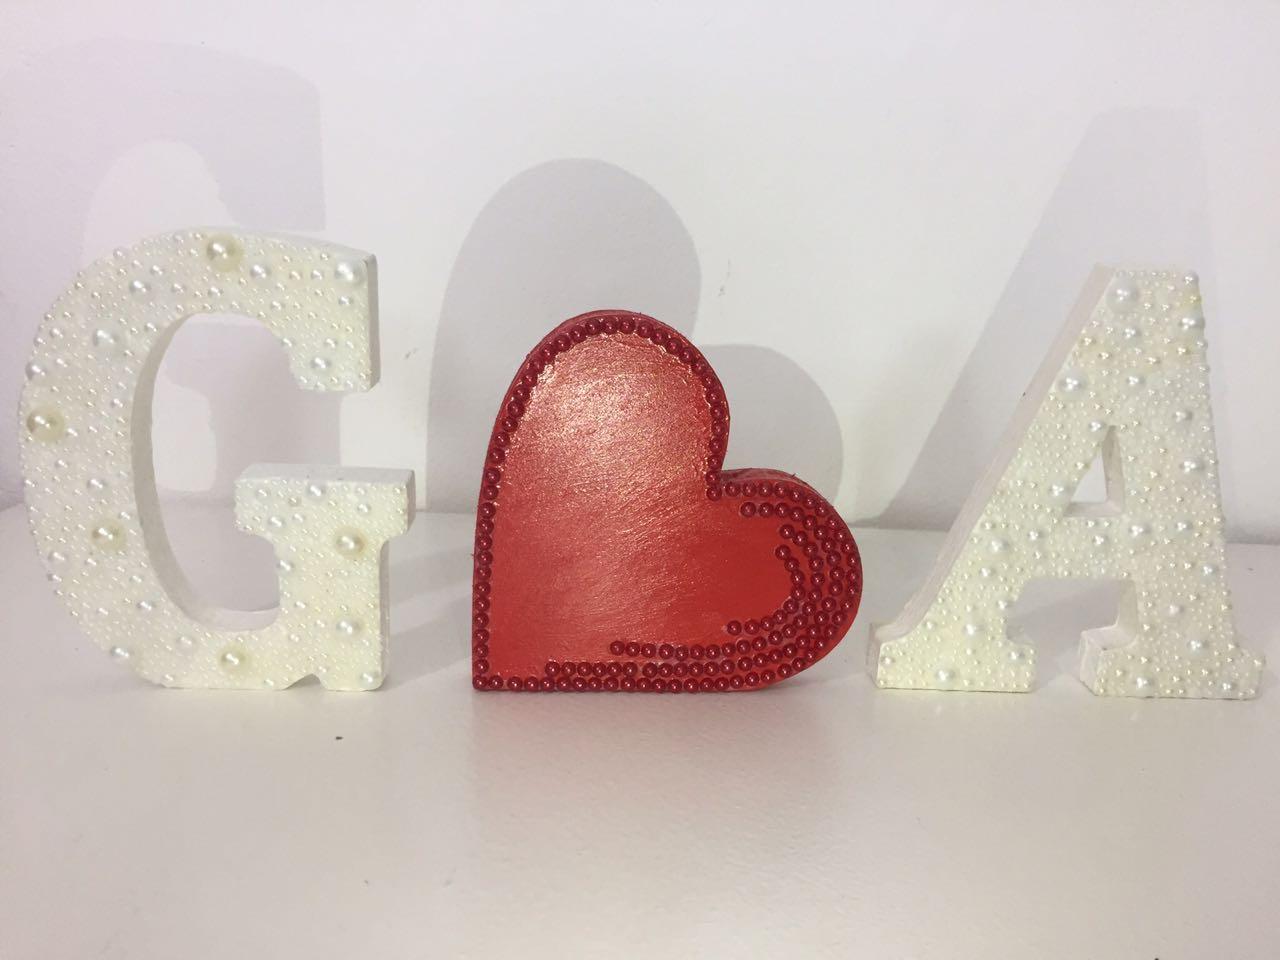 Kit com 3 Letras em MDF Noivado ou Casamento 12cm